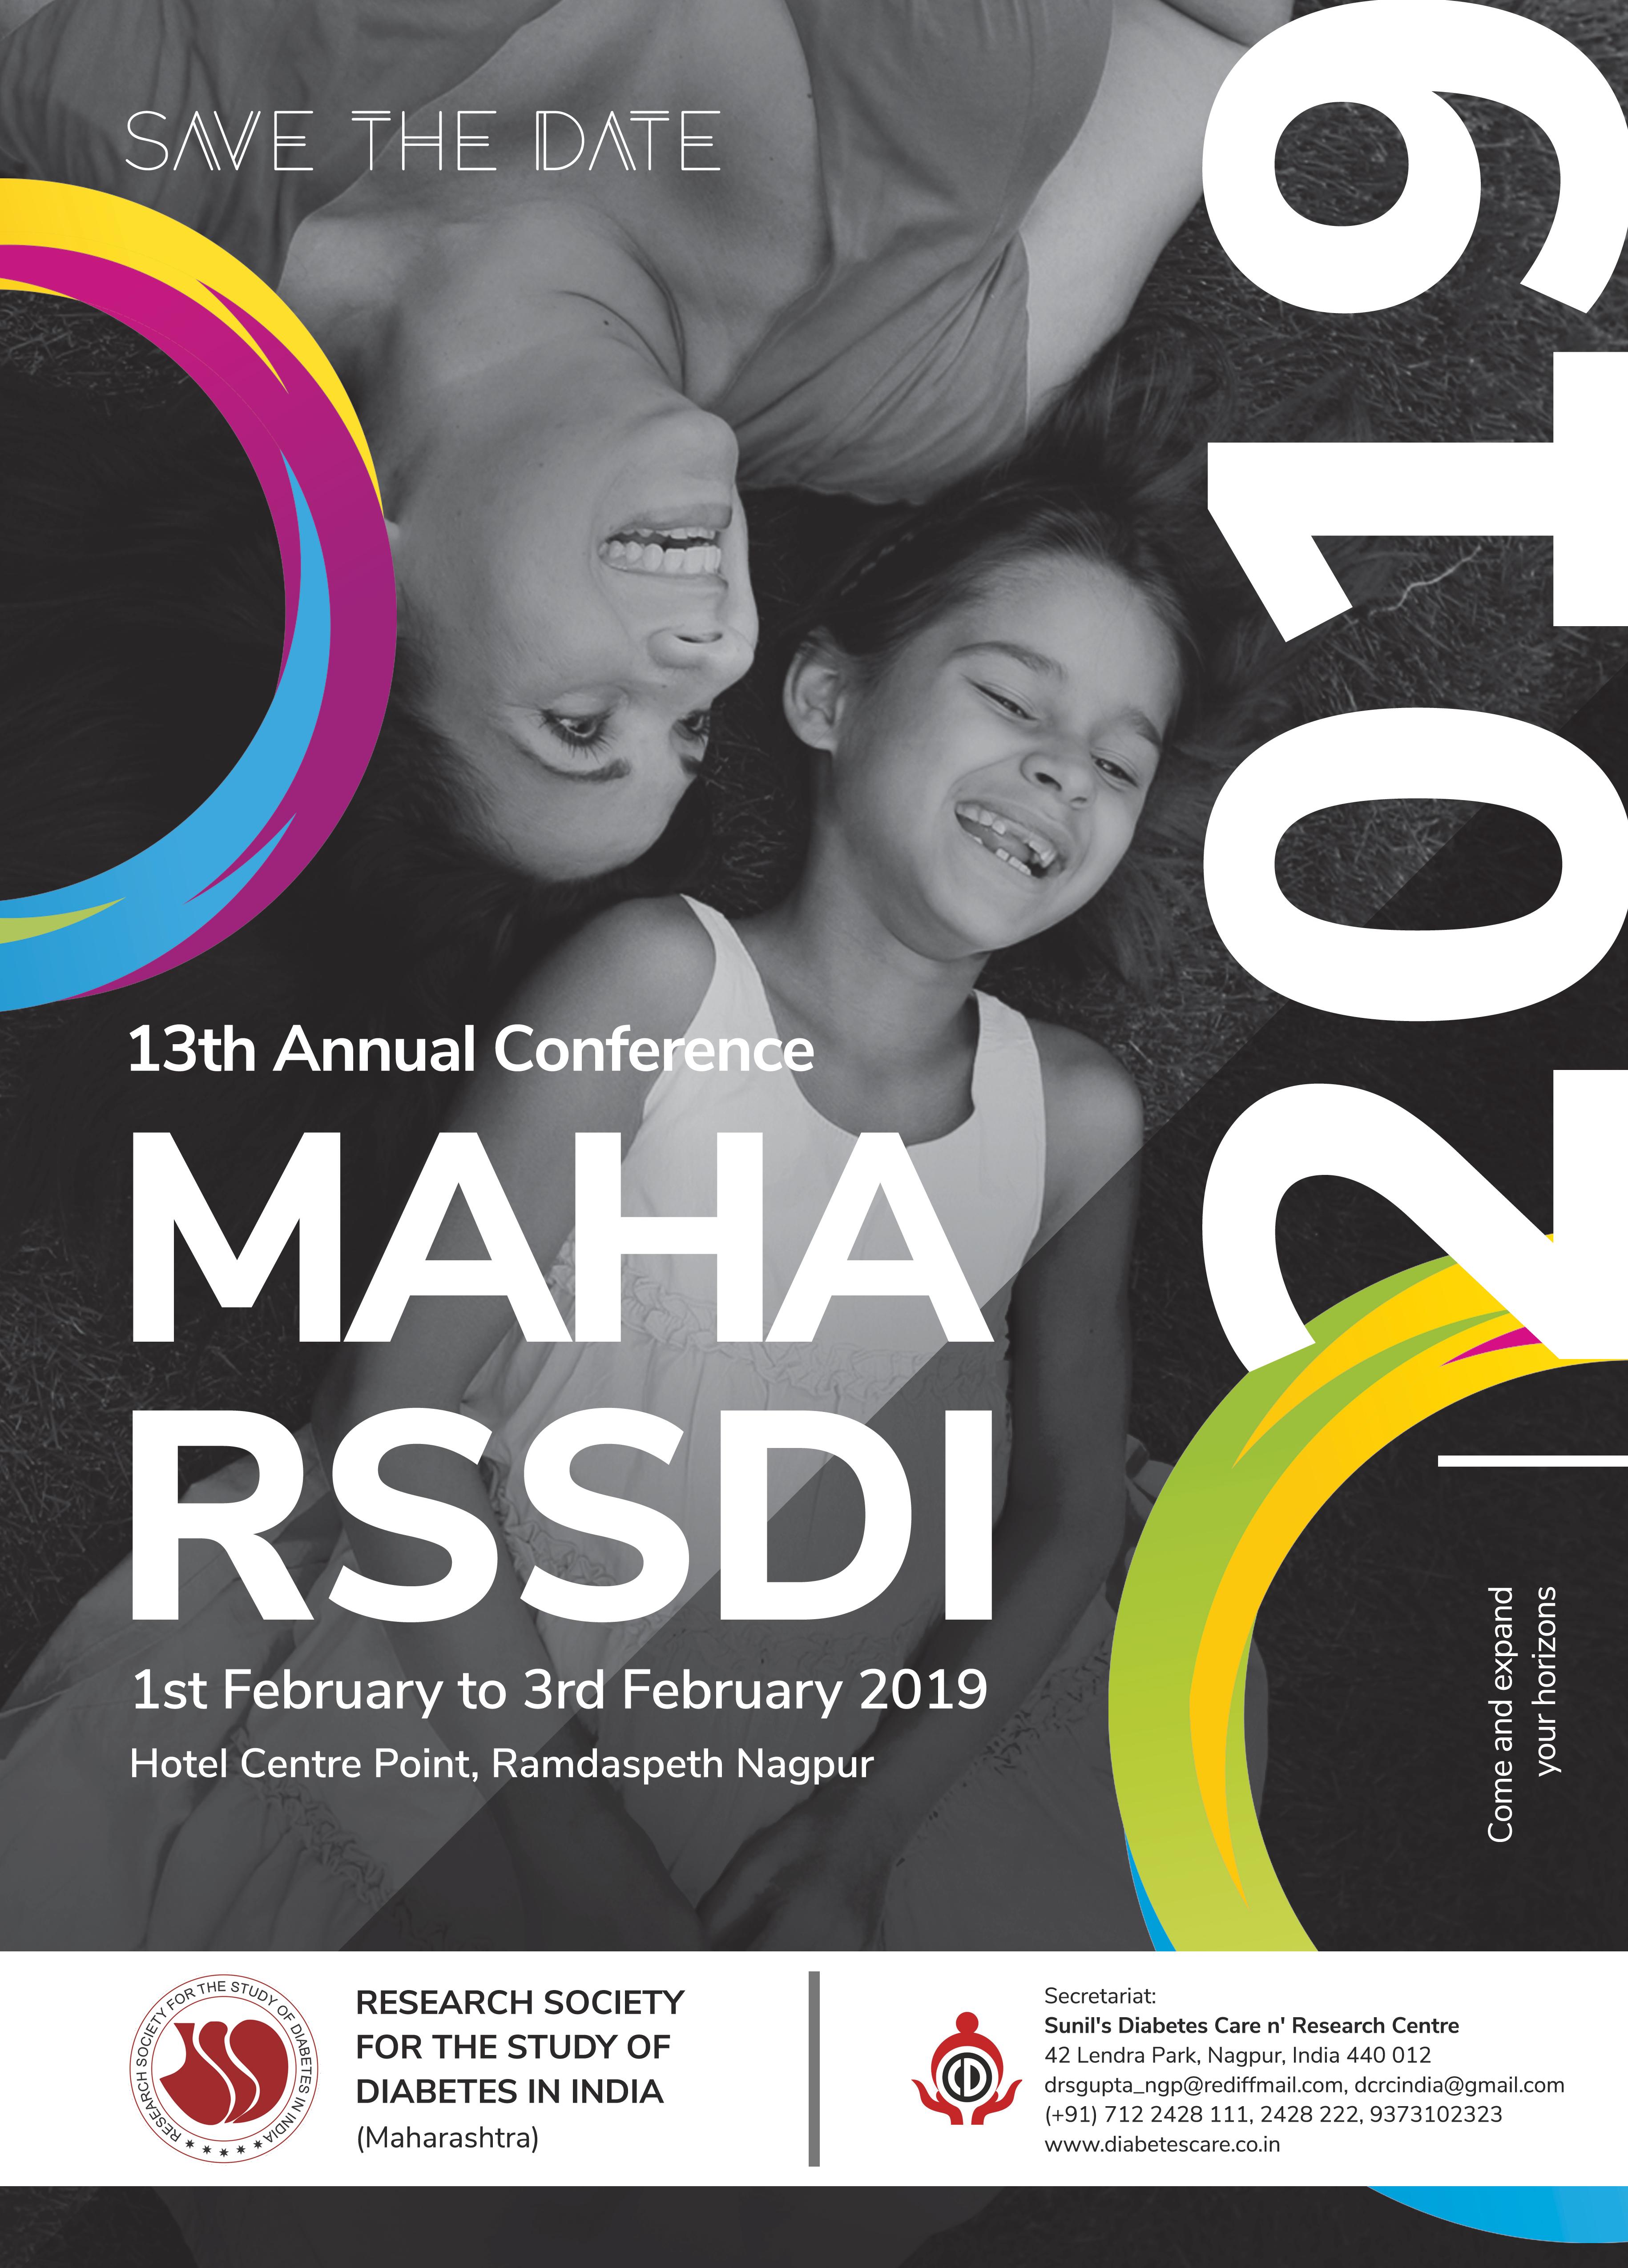 RSSDI 2019